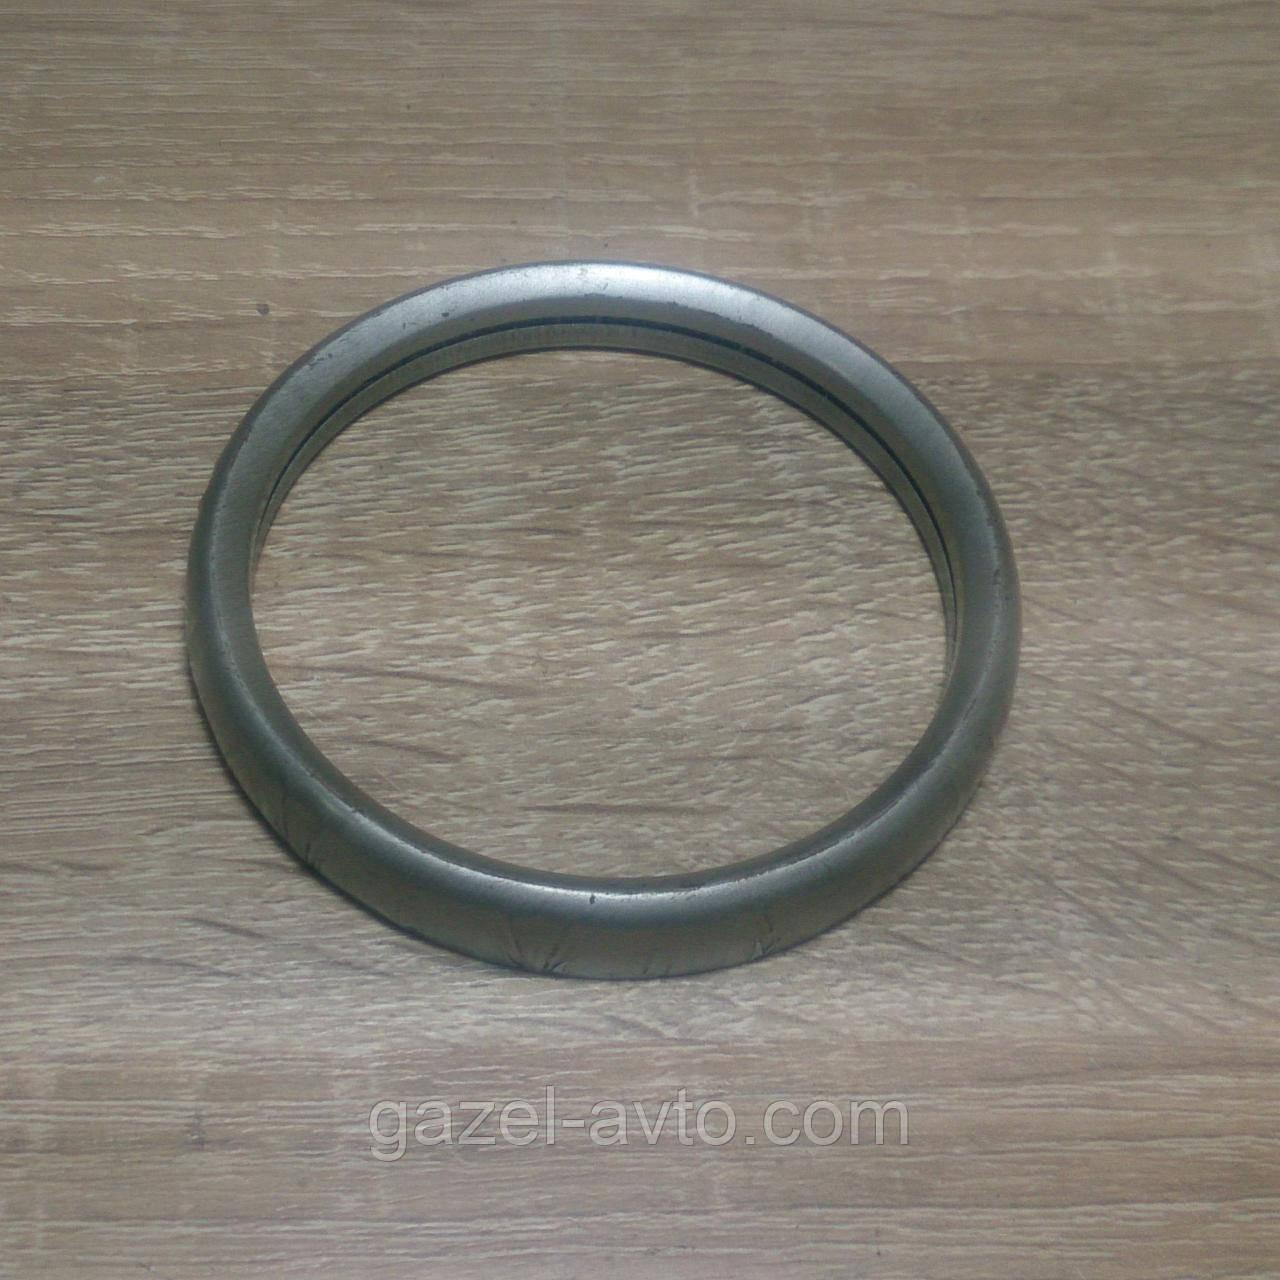 Кольца штанов/глушителя ГАЗ 4301, 31105 с нейтрализатором Газель 560 дв. Штайер (пр-во Fritex)